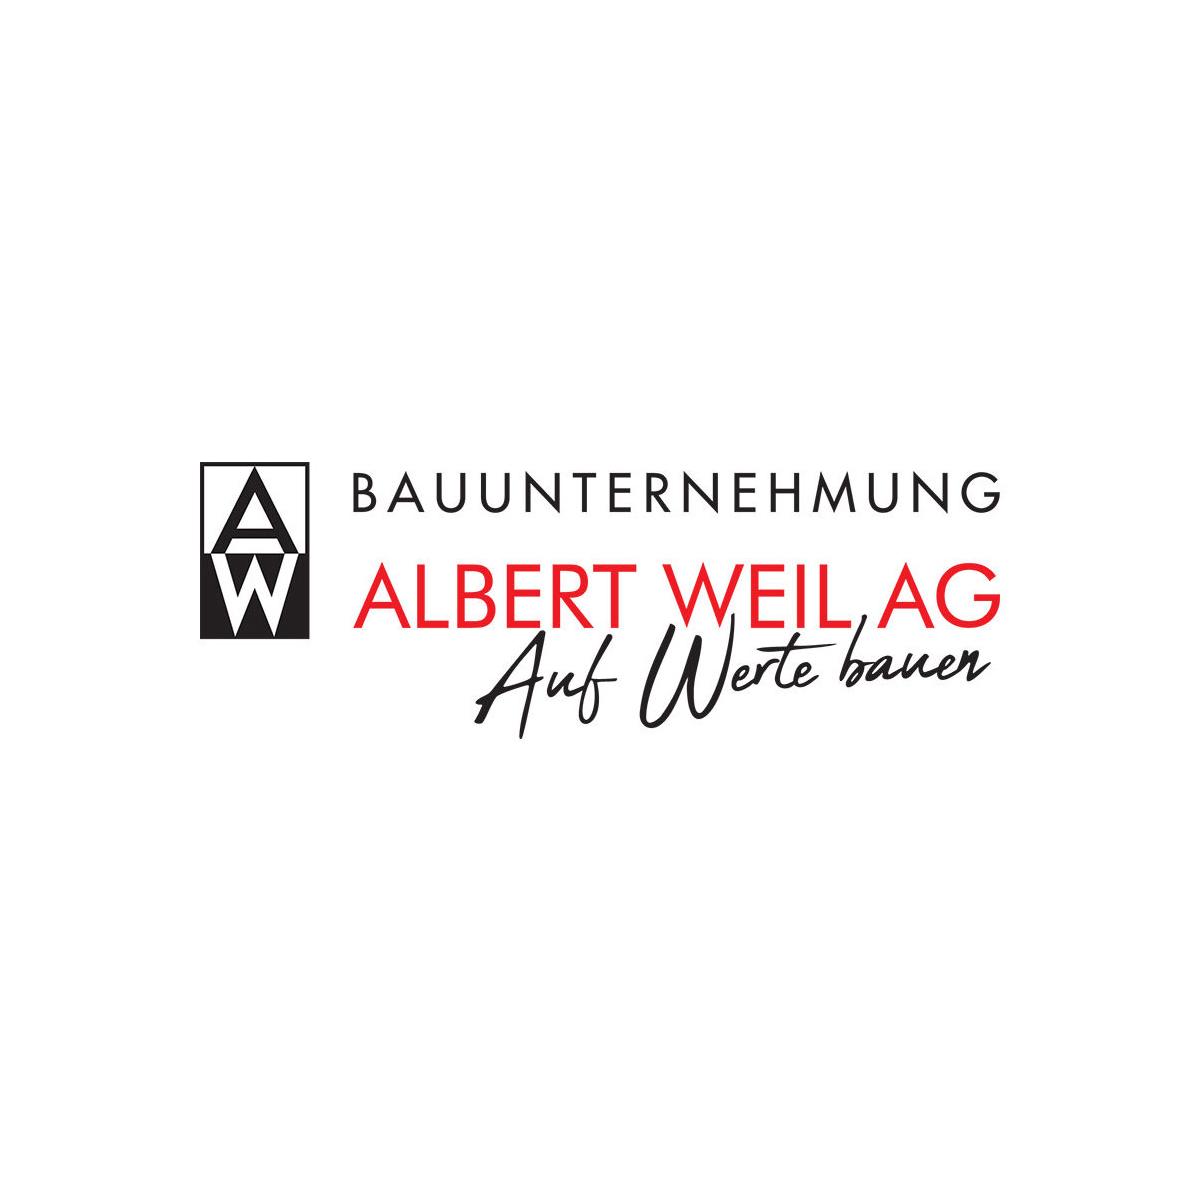 Bauunternehmung Albert Weil AG